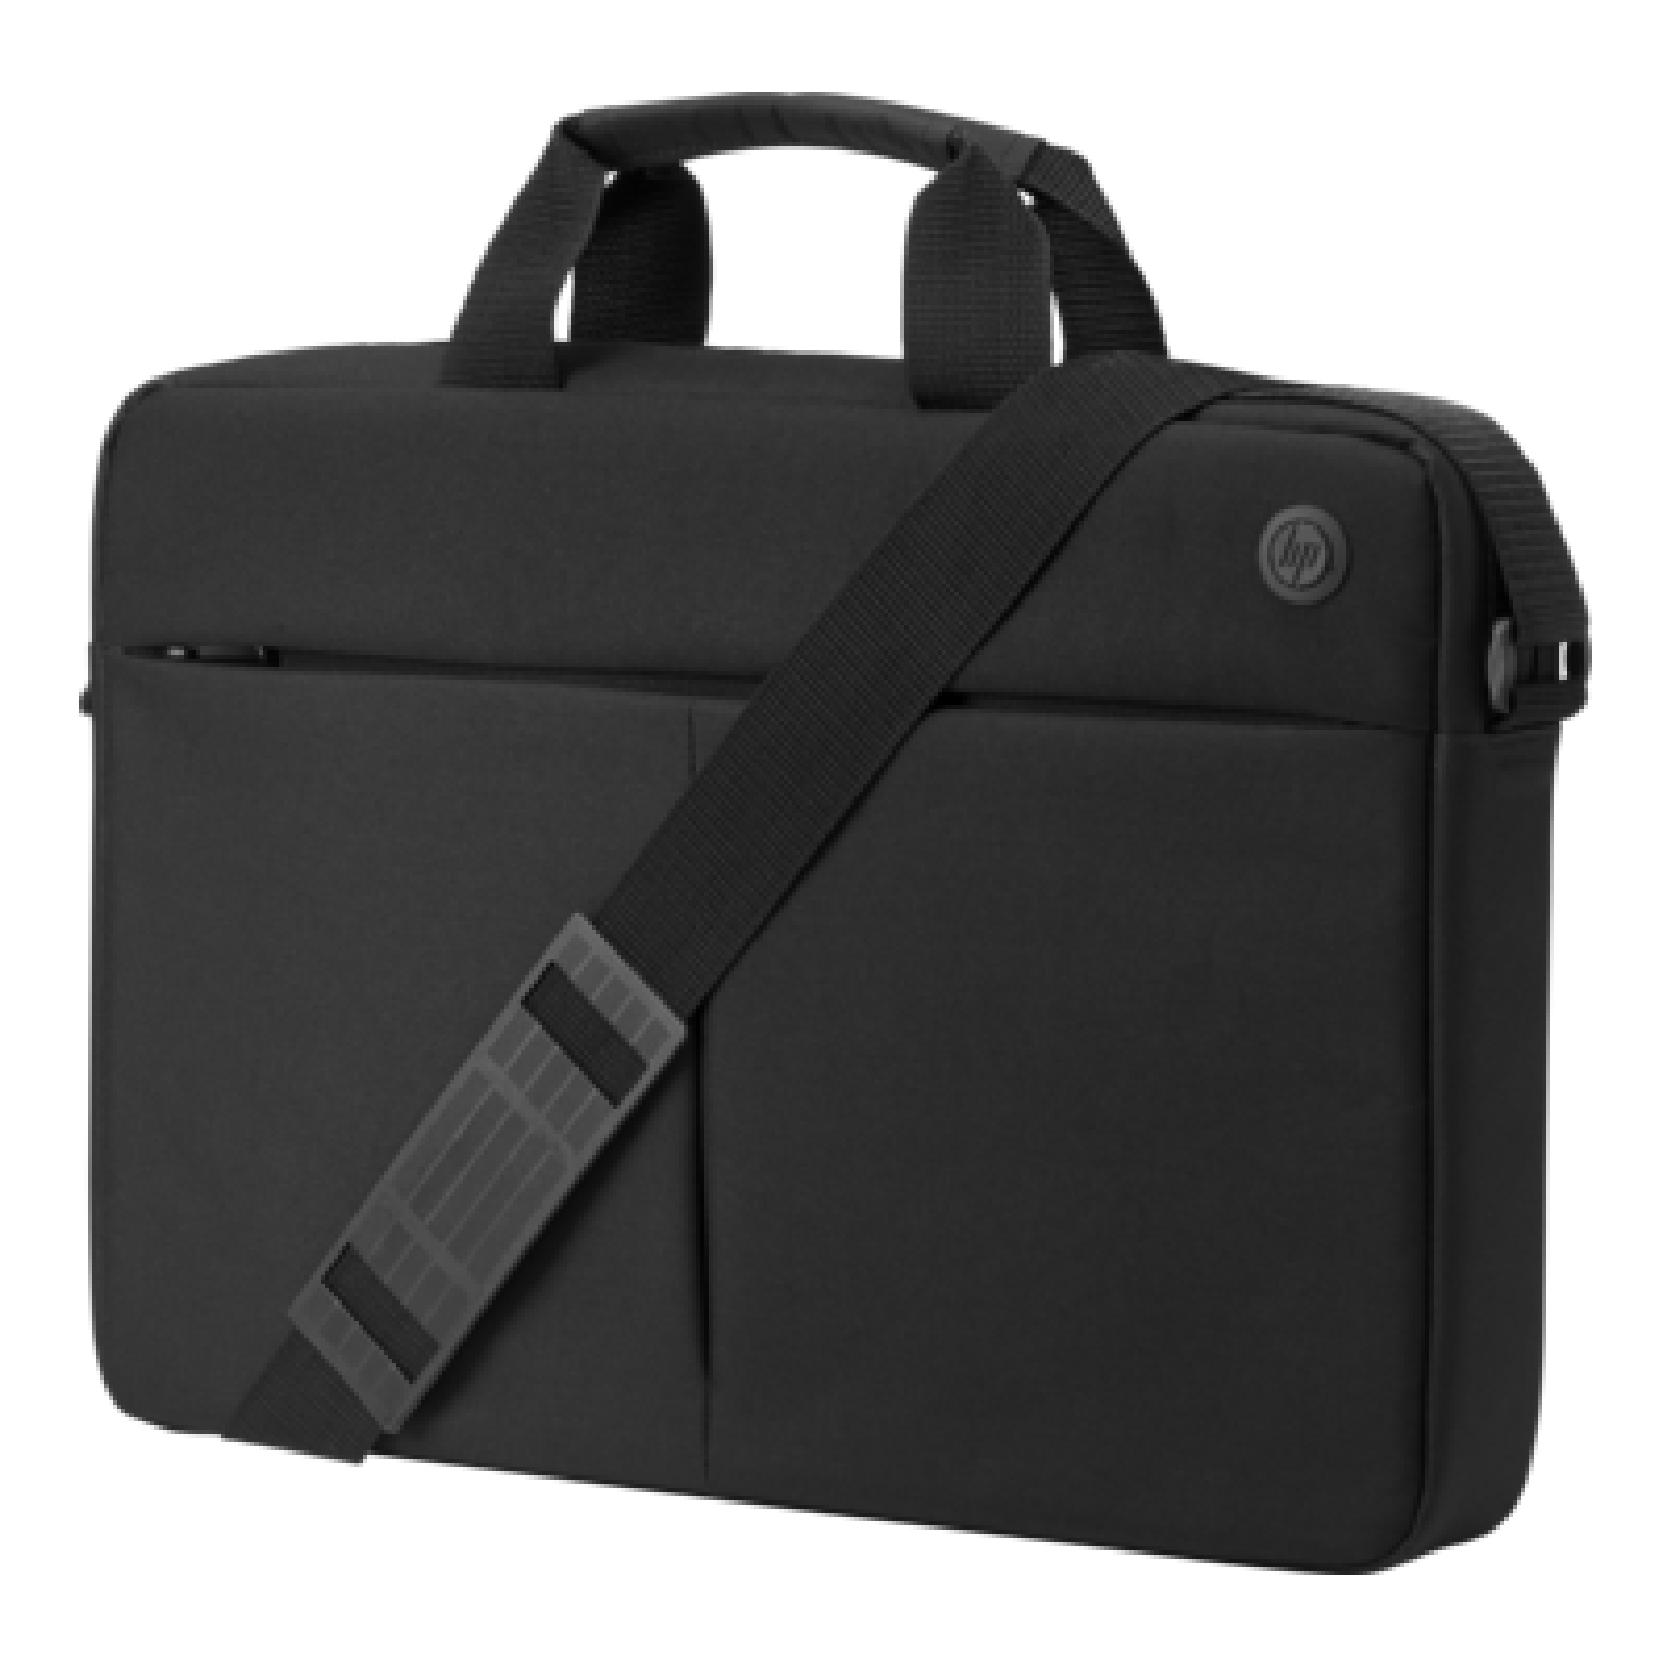 e0d04057069 Kvaliteetsed sülearvutikotid - leia sobilik arvutikott - Smartech.ee